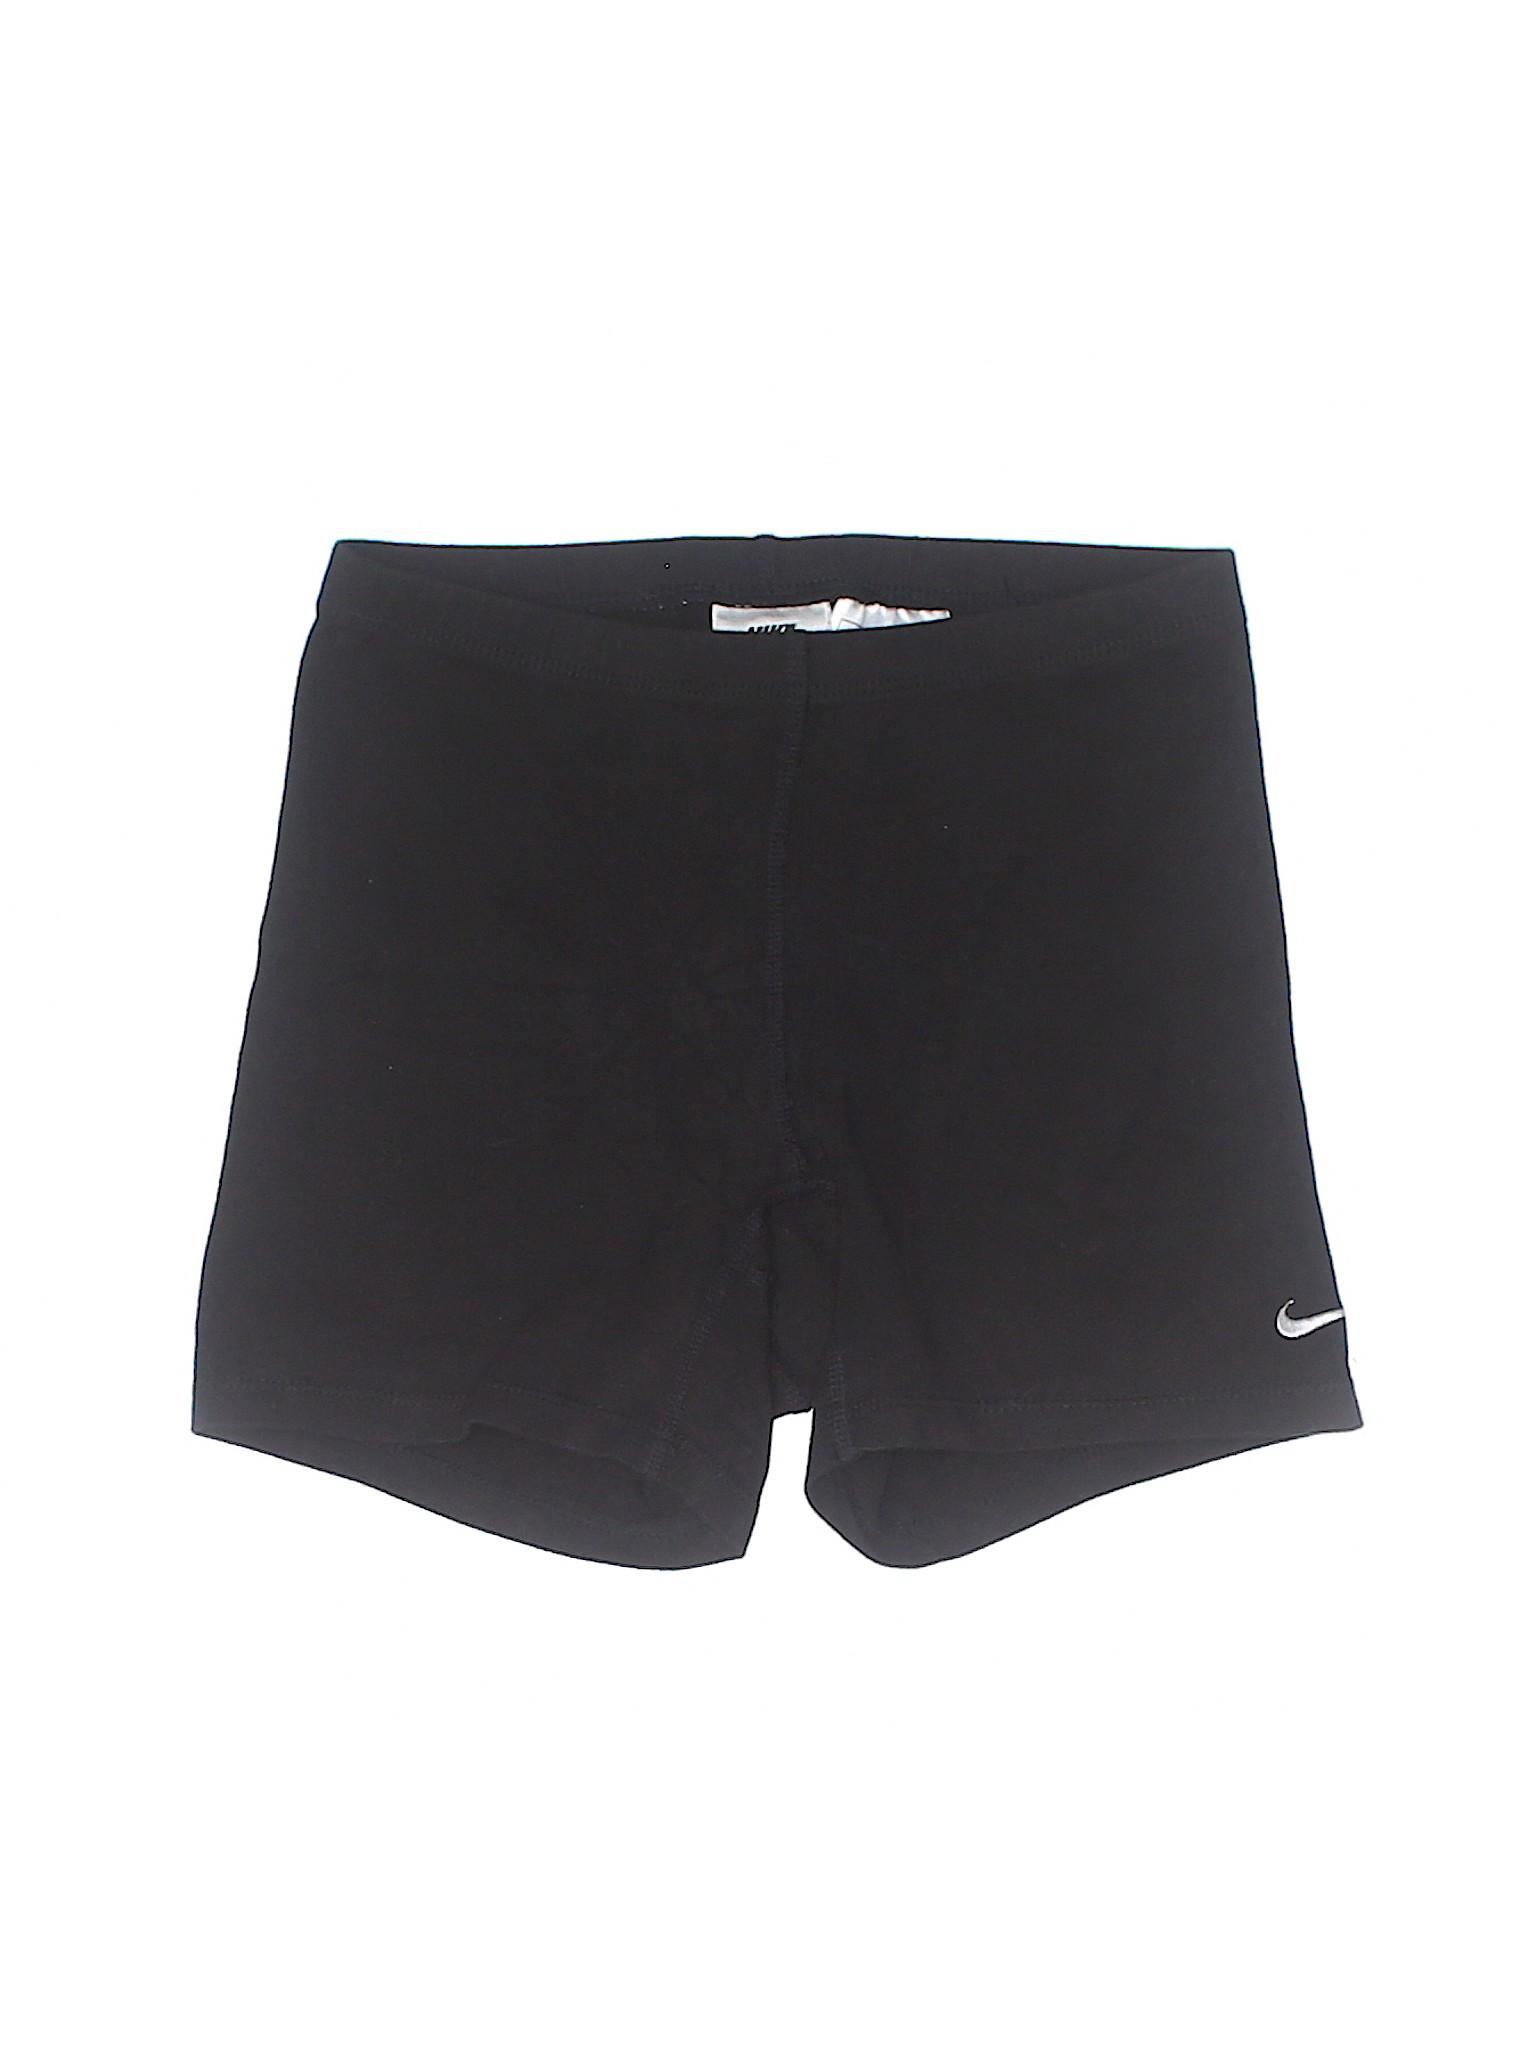 Boutique Nike Shorts Boutique Boutique Athletic Shorts Boutique Nike Athletic Nike Athletic Athletic Nike Shorts 8qZzOax